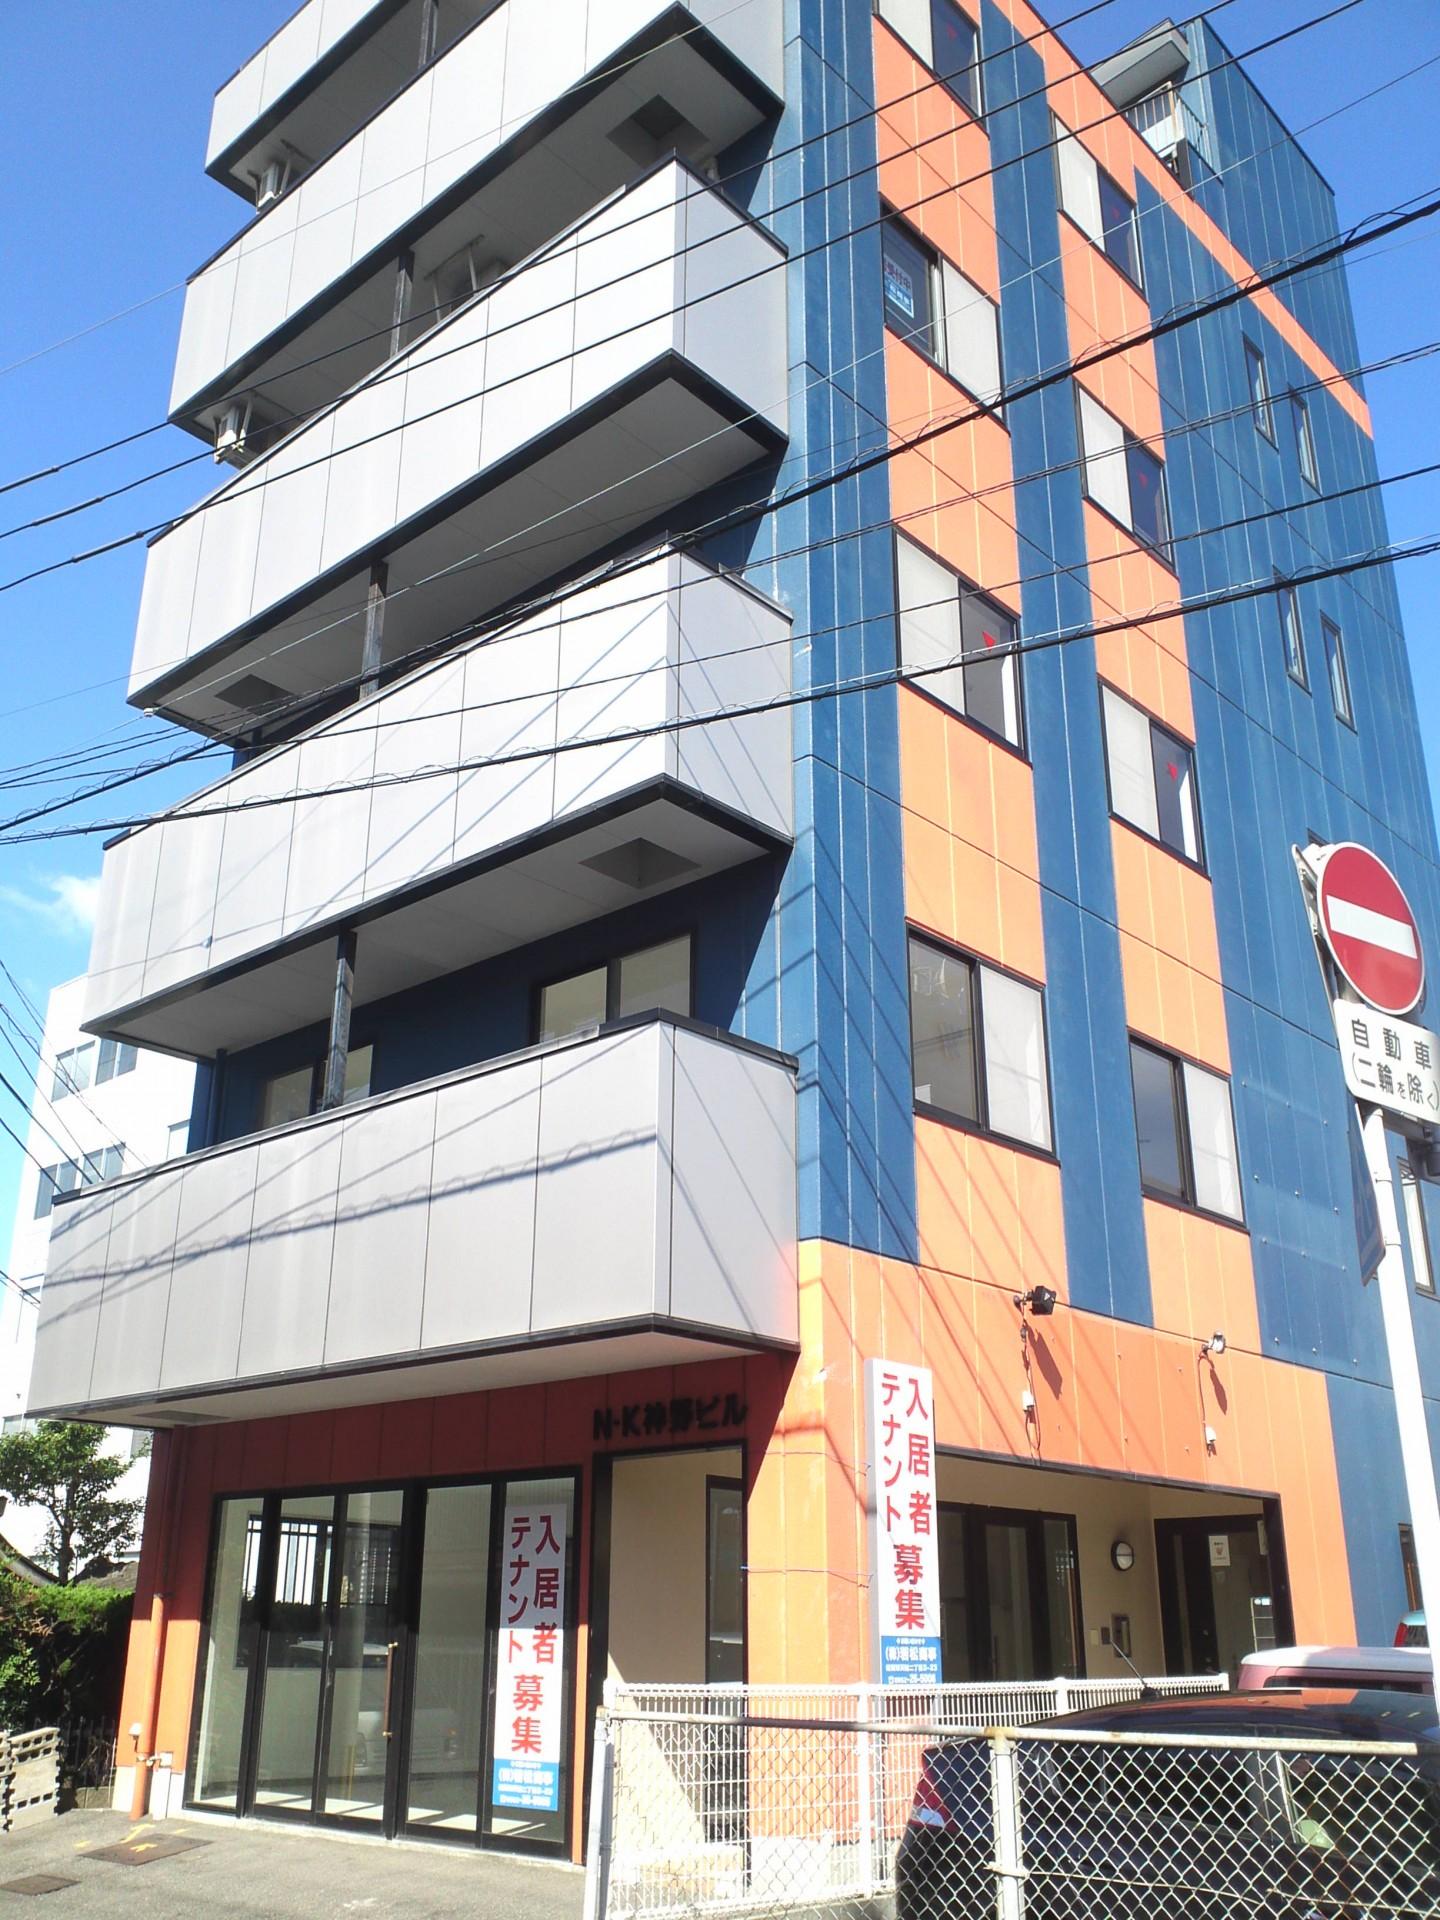 佐賀駅北口から西側、高架に沿って歩いていくと建物が見えてきます。オレンジとブルーが目印。